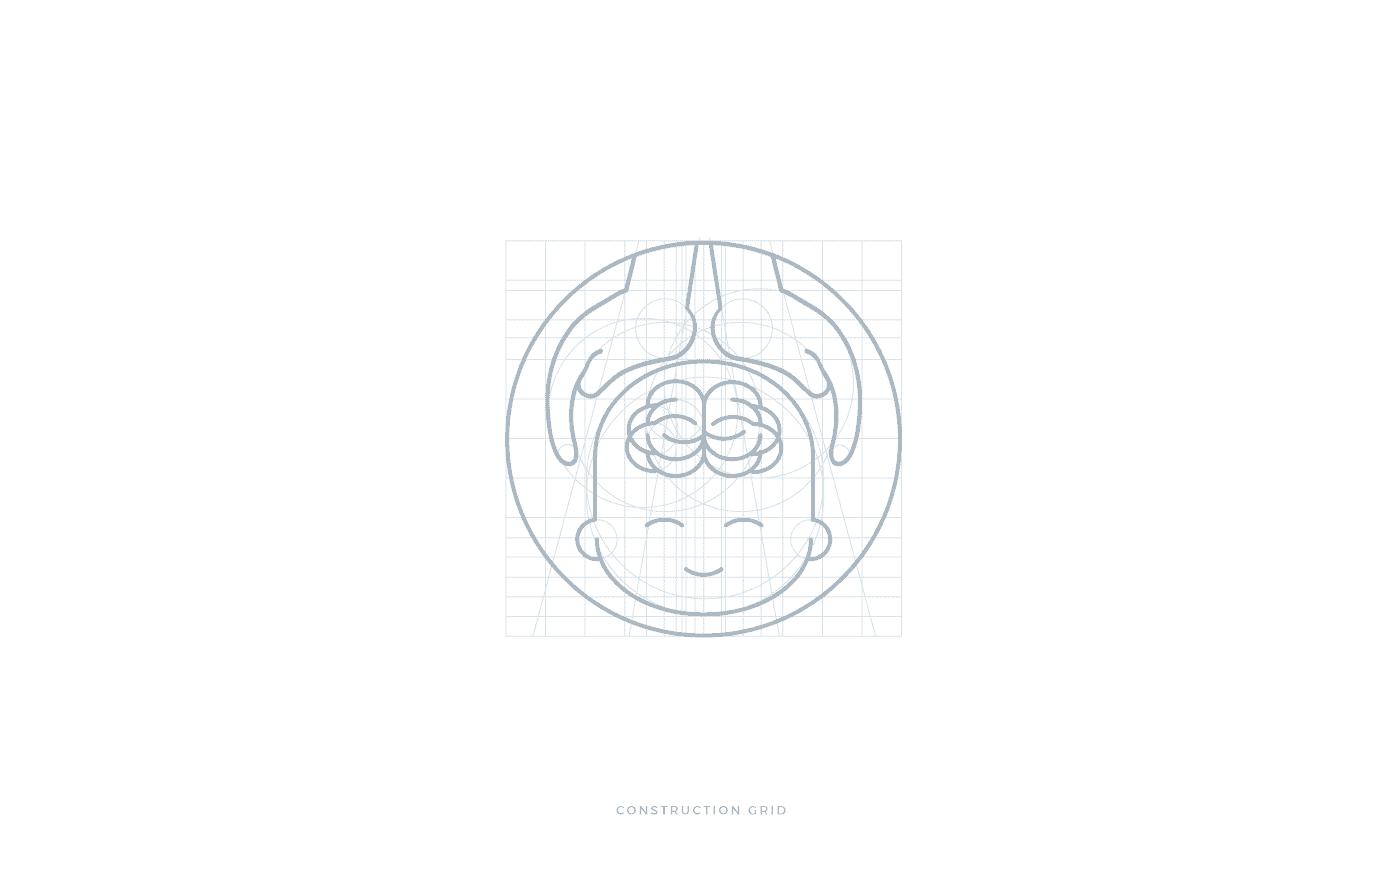 IAOPN griglia costruzione pittogramma logo